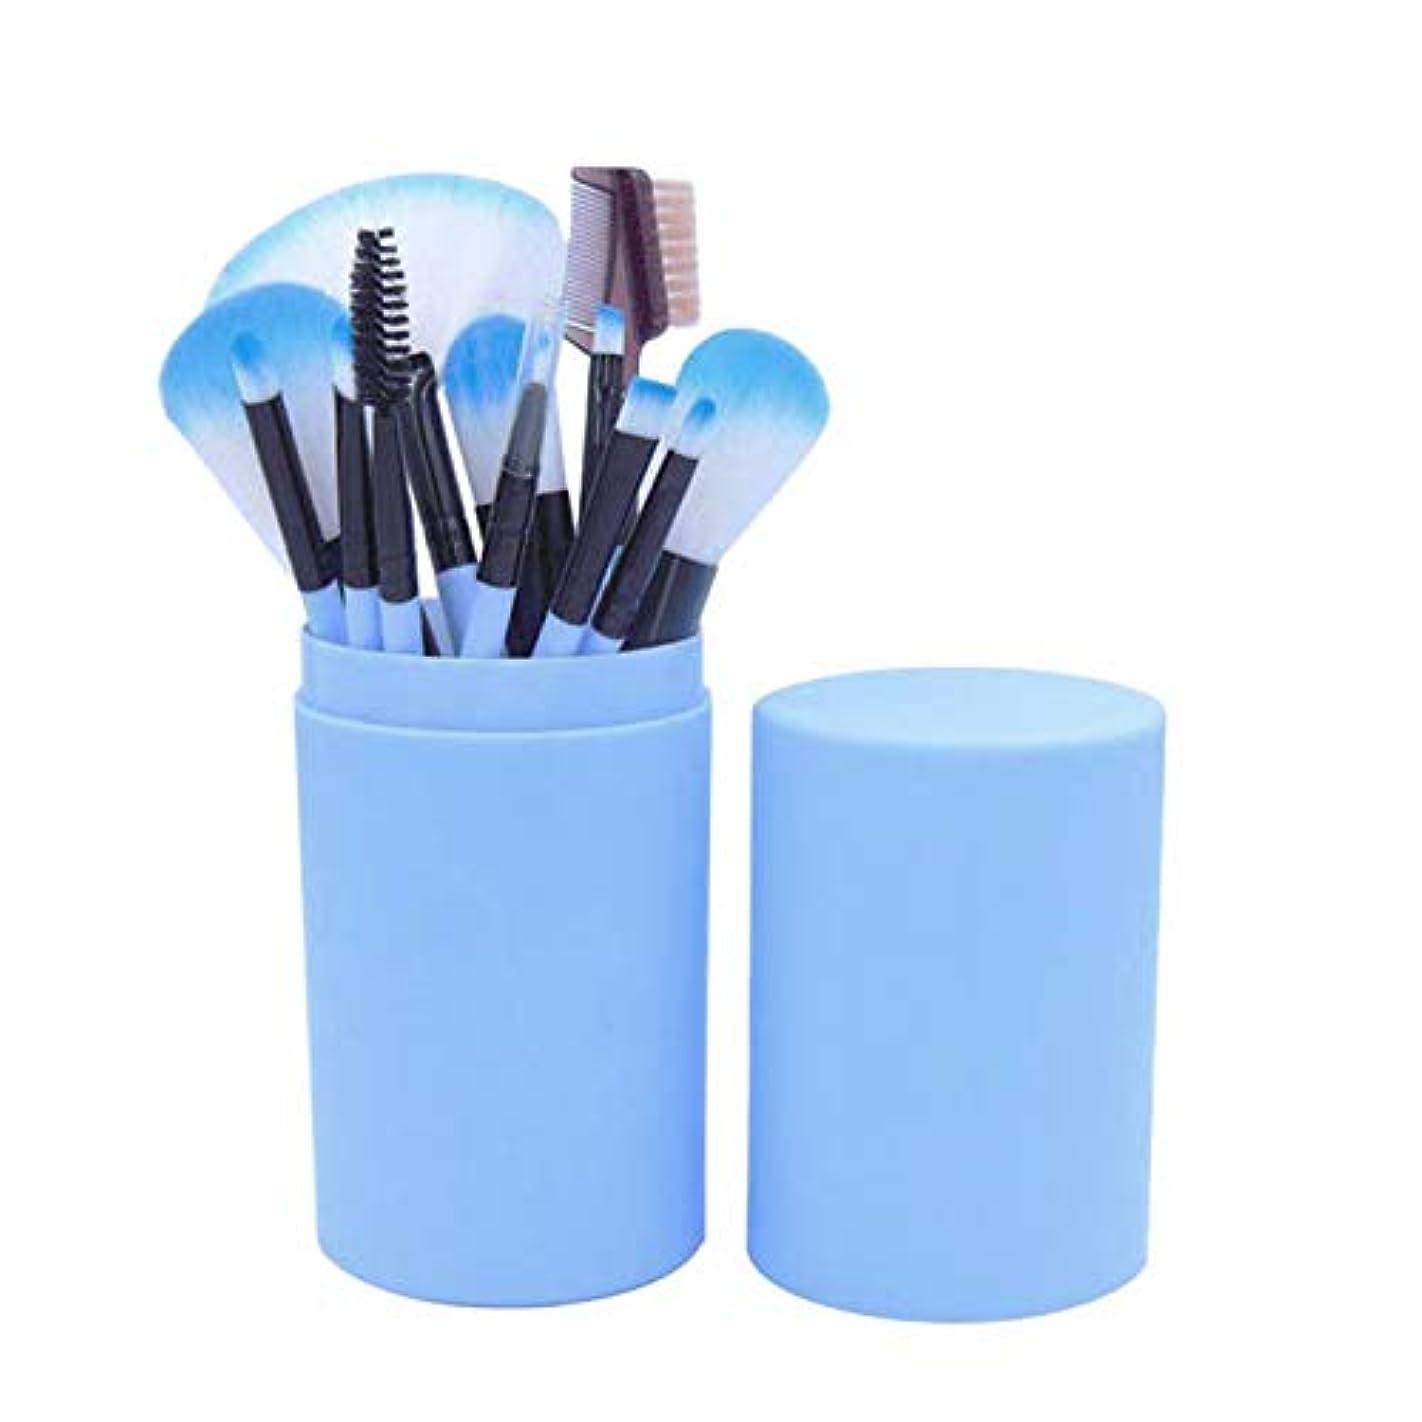 ねばねば植物学者ストリームSODIAL 12本の化粧ブラシのセット、化粧品、フェイスブラシのキット、ポータブルのバレル付き、初心者向けアイシャドウのブラシ、美容化粧ツール(湖の青色)